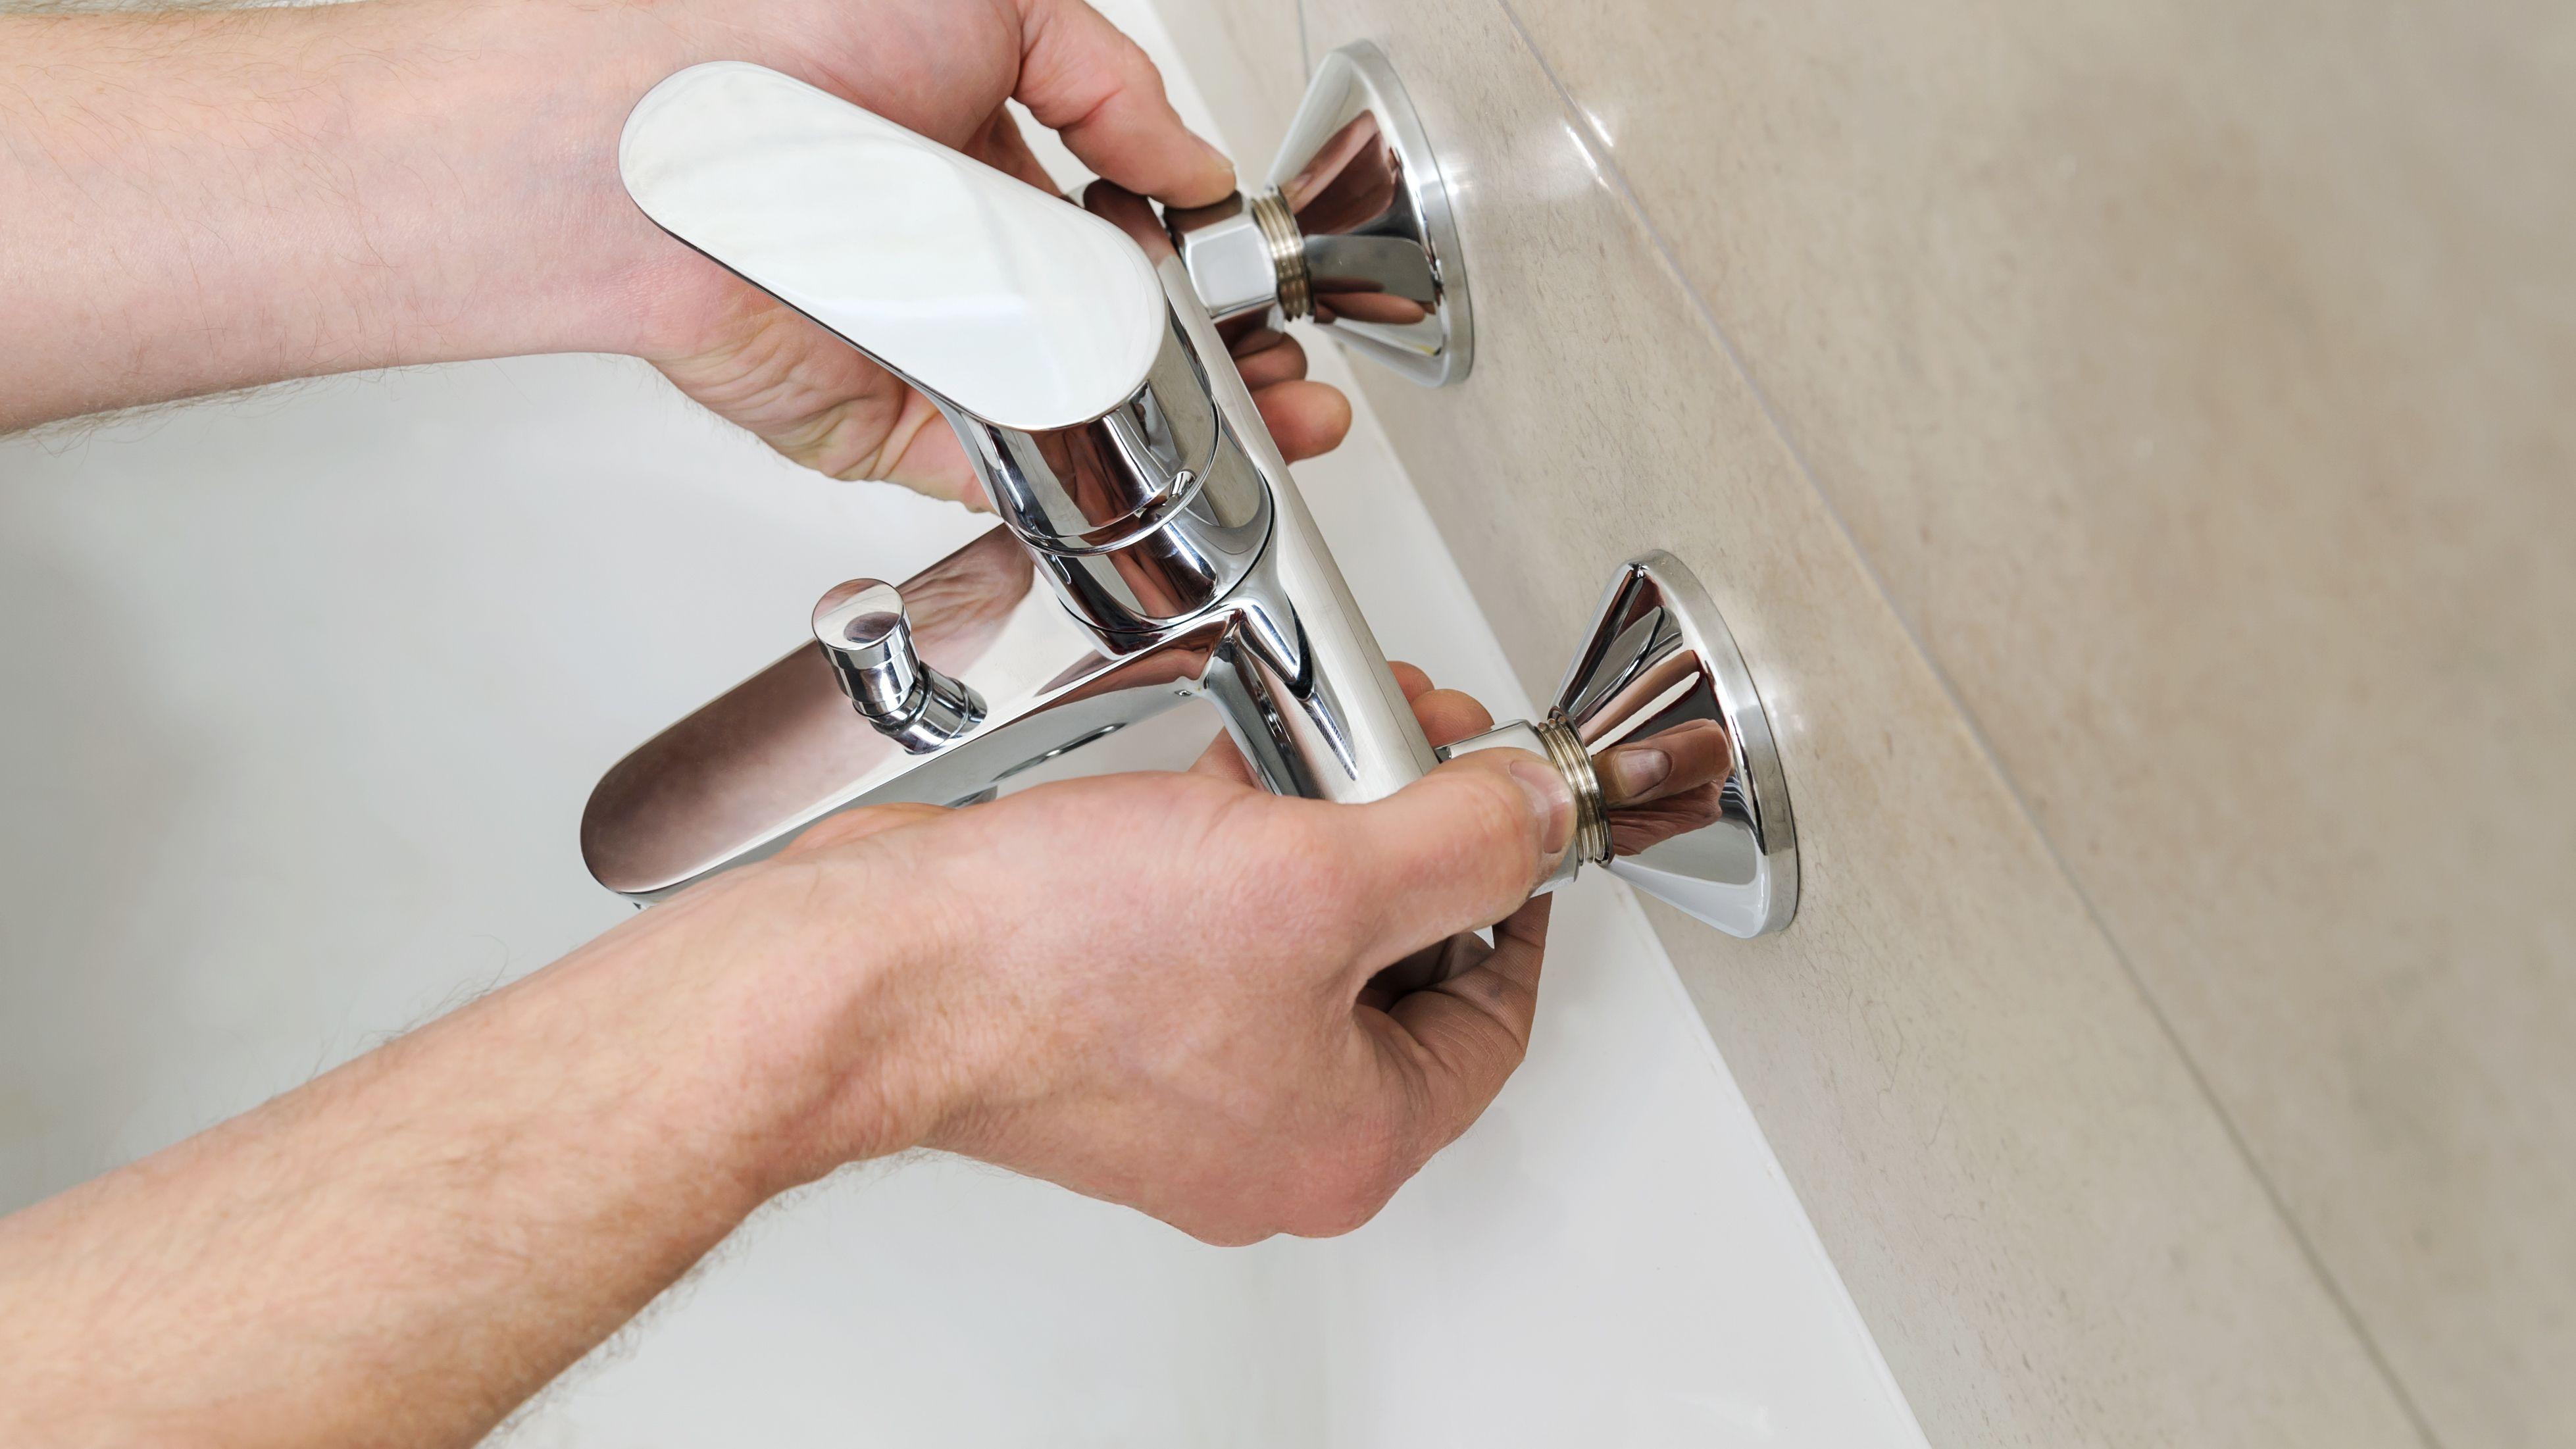 Come installare un rubinetto per vasca da bagno